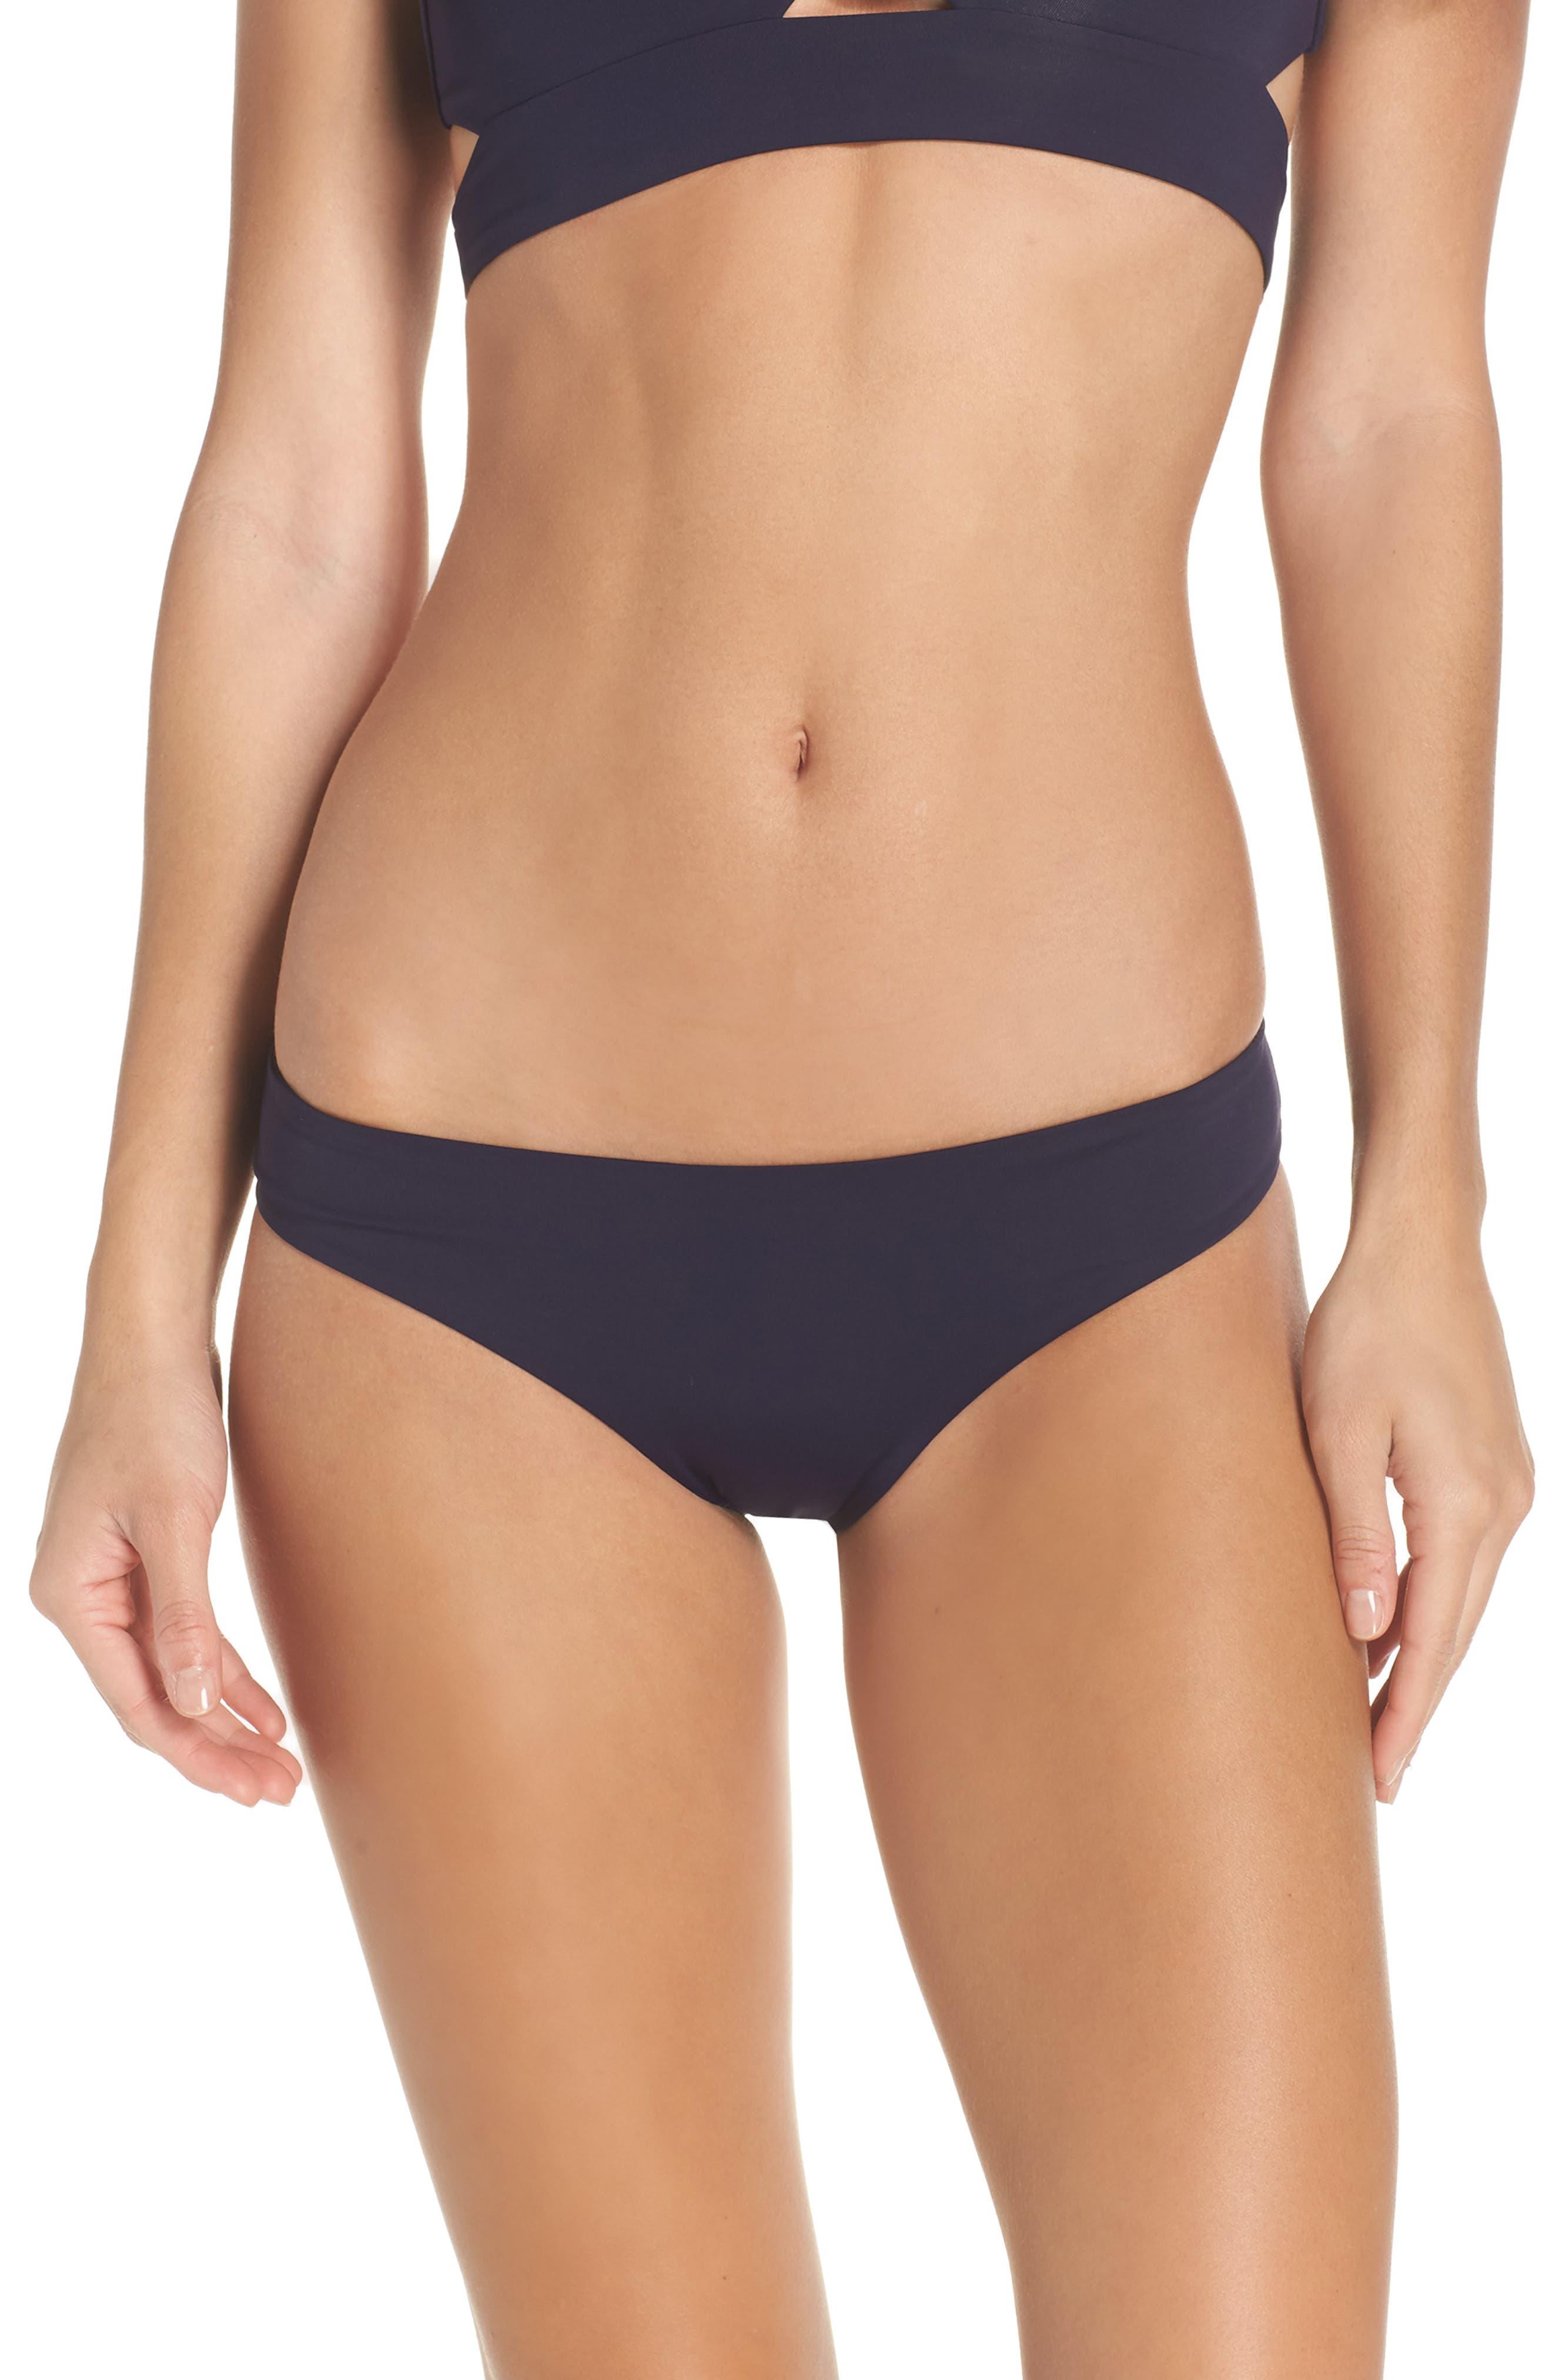 'Ali' Moderate Coverage Bikini Bottoms,                         Main,                         color, 474